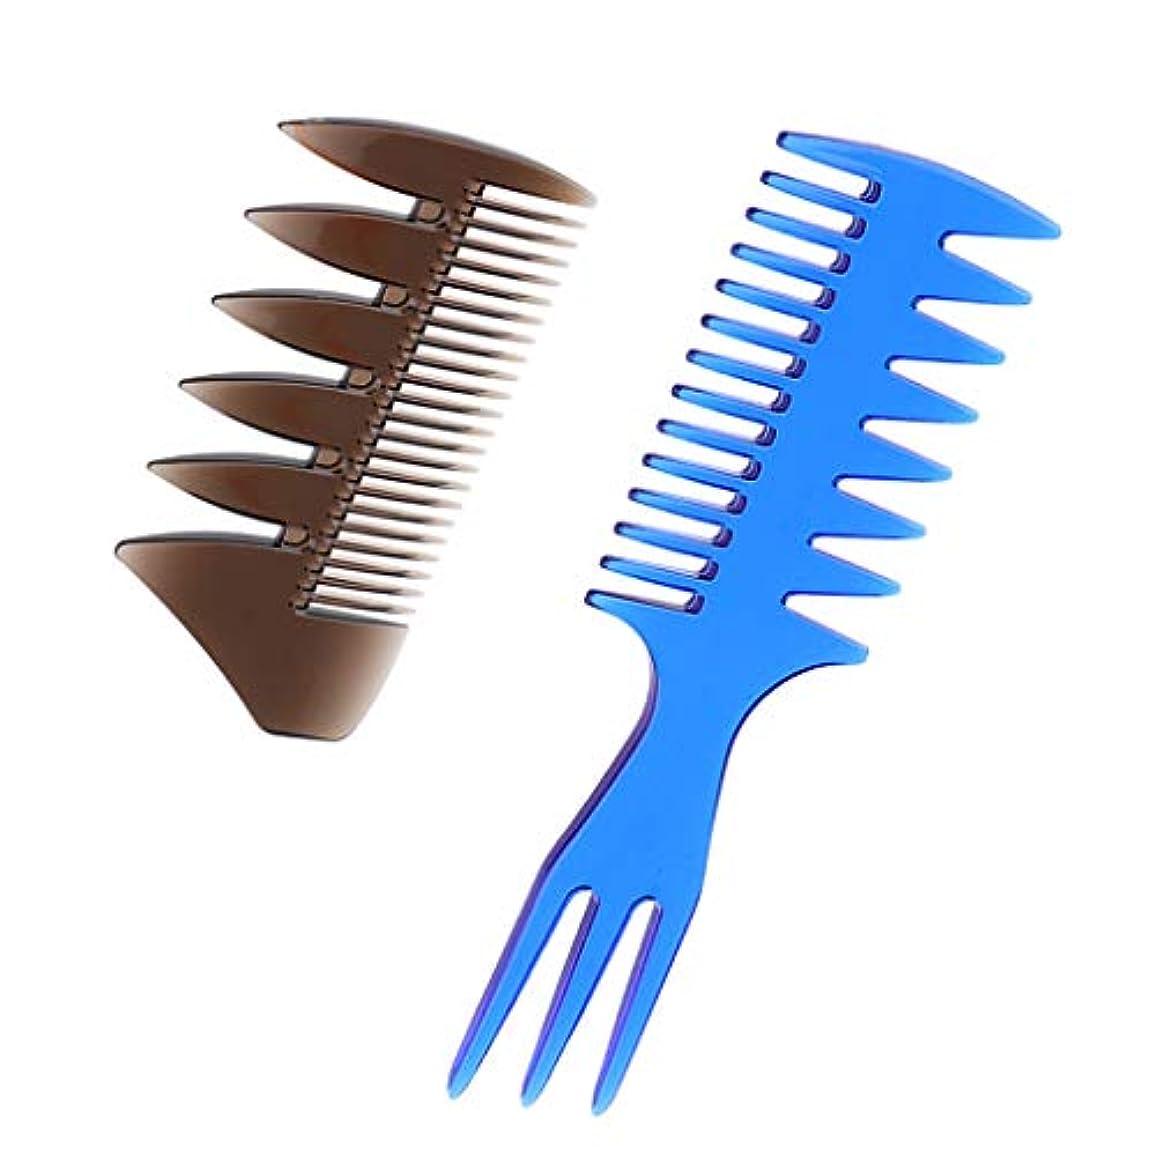 気分が悪い出身地舗装するToygogo 2ピースデュアルサイドおよび3ウェイメンズオイルヘアピックコームサロンダイサロン理髪スタイリング